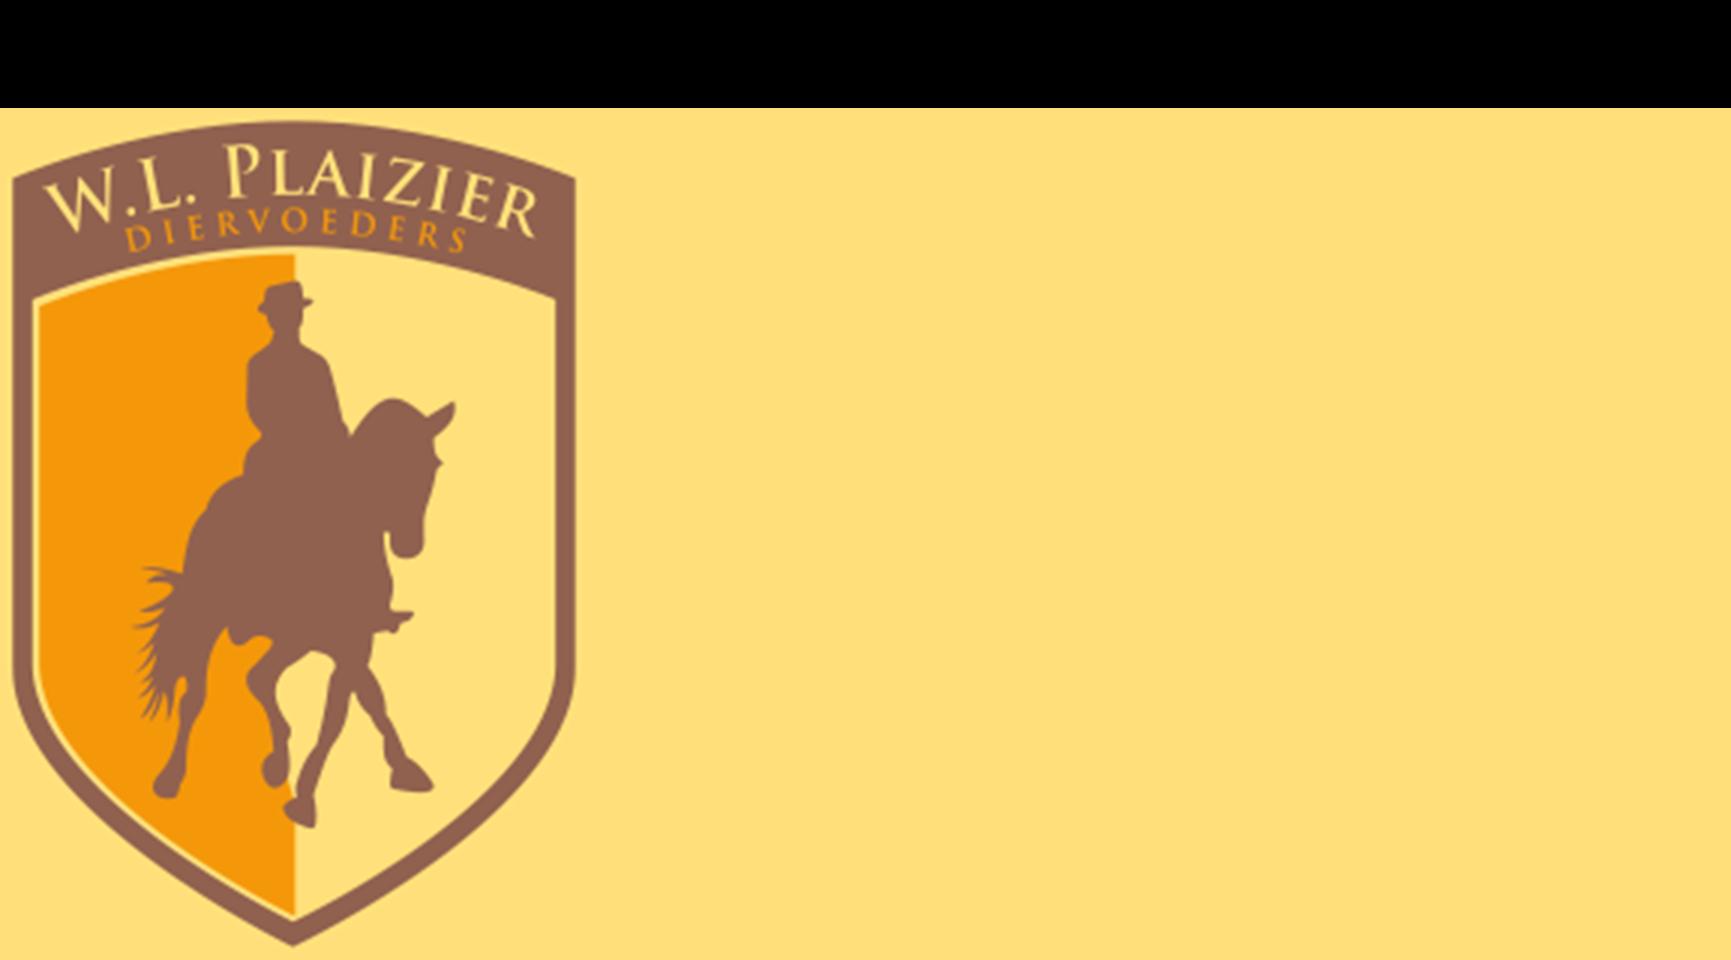 Plaizier Diervoeders